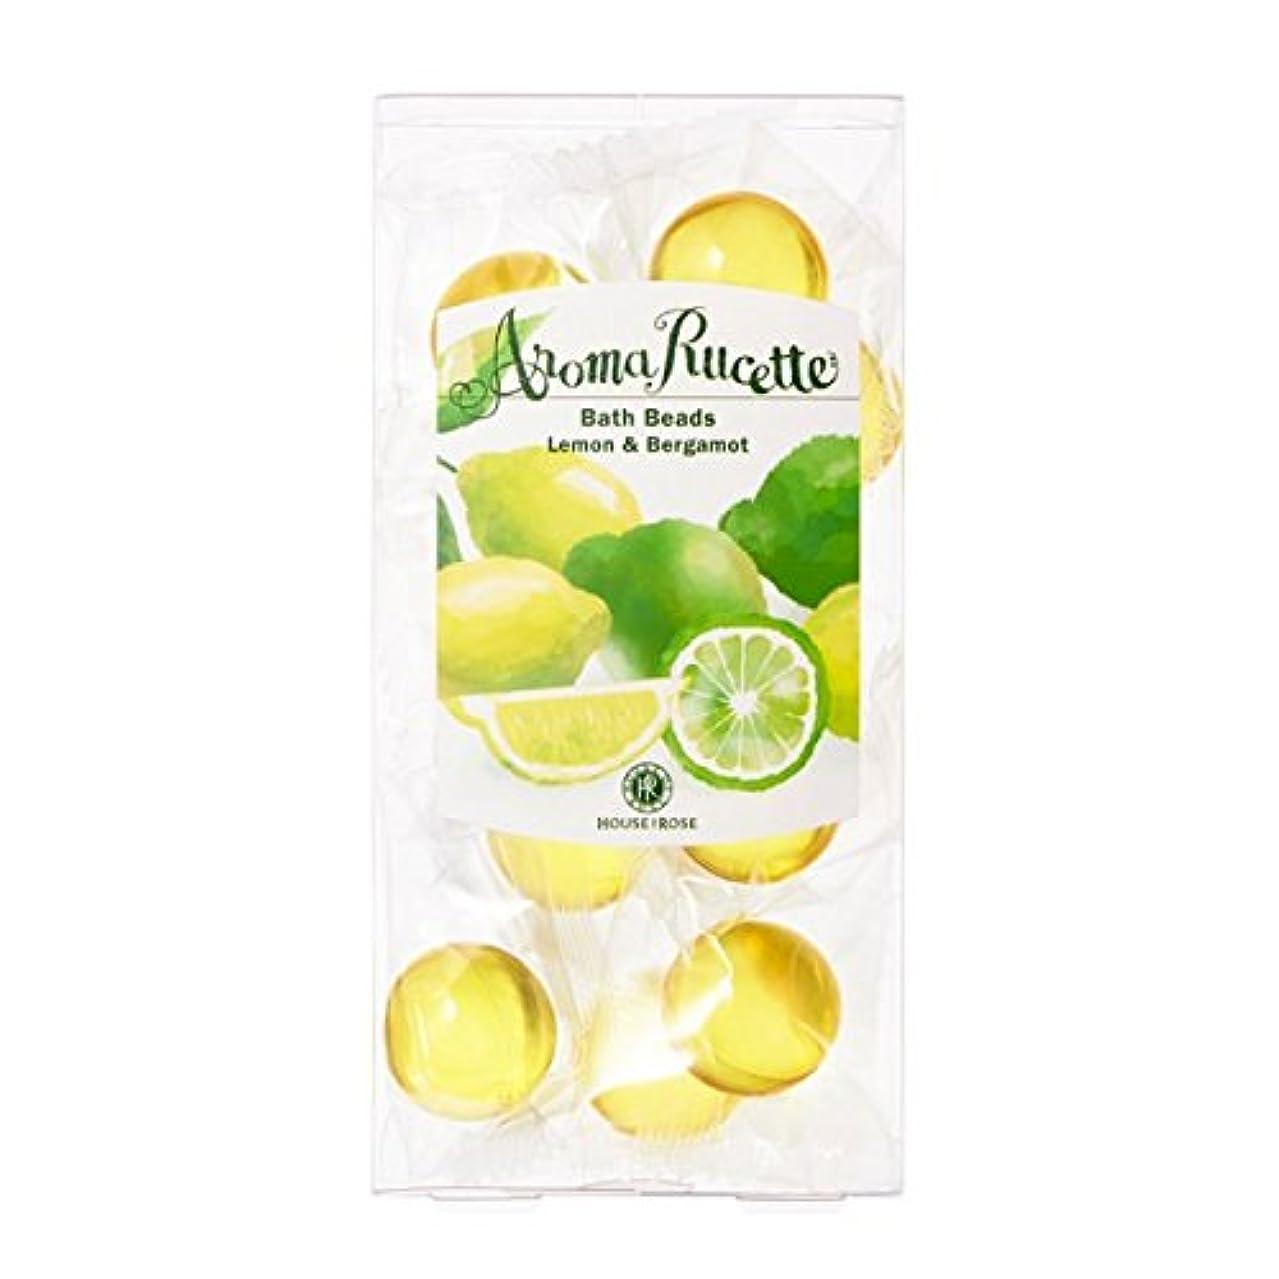 メカニック隣人増幅器ハウスオブローゼ アロマルセット バスビーズ 7g×11個 (レモン&ベルガモットの香り)